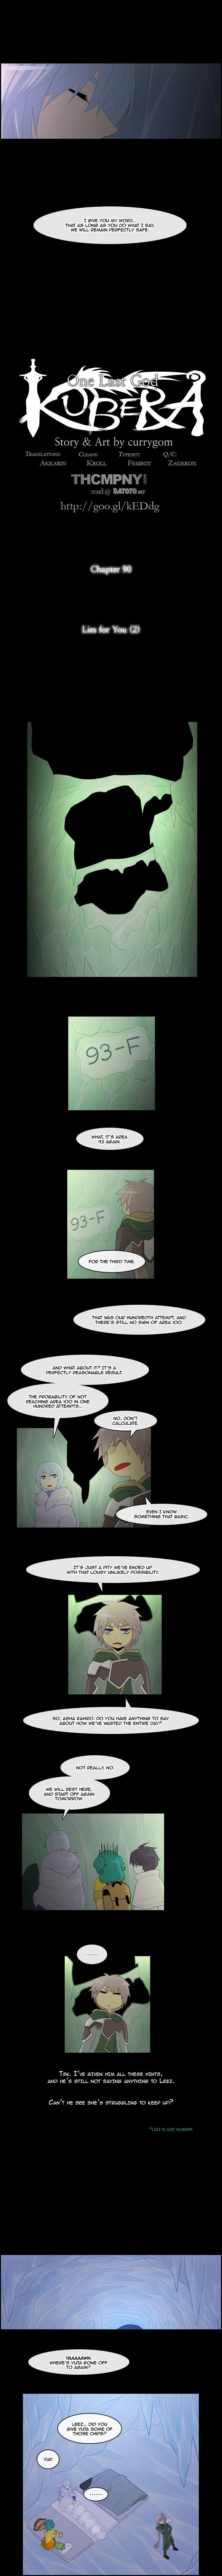 Kubera 90 Page 2